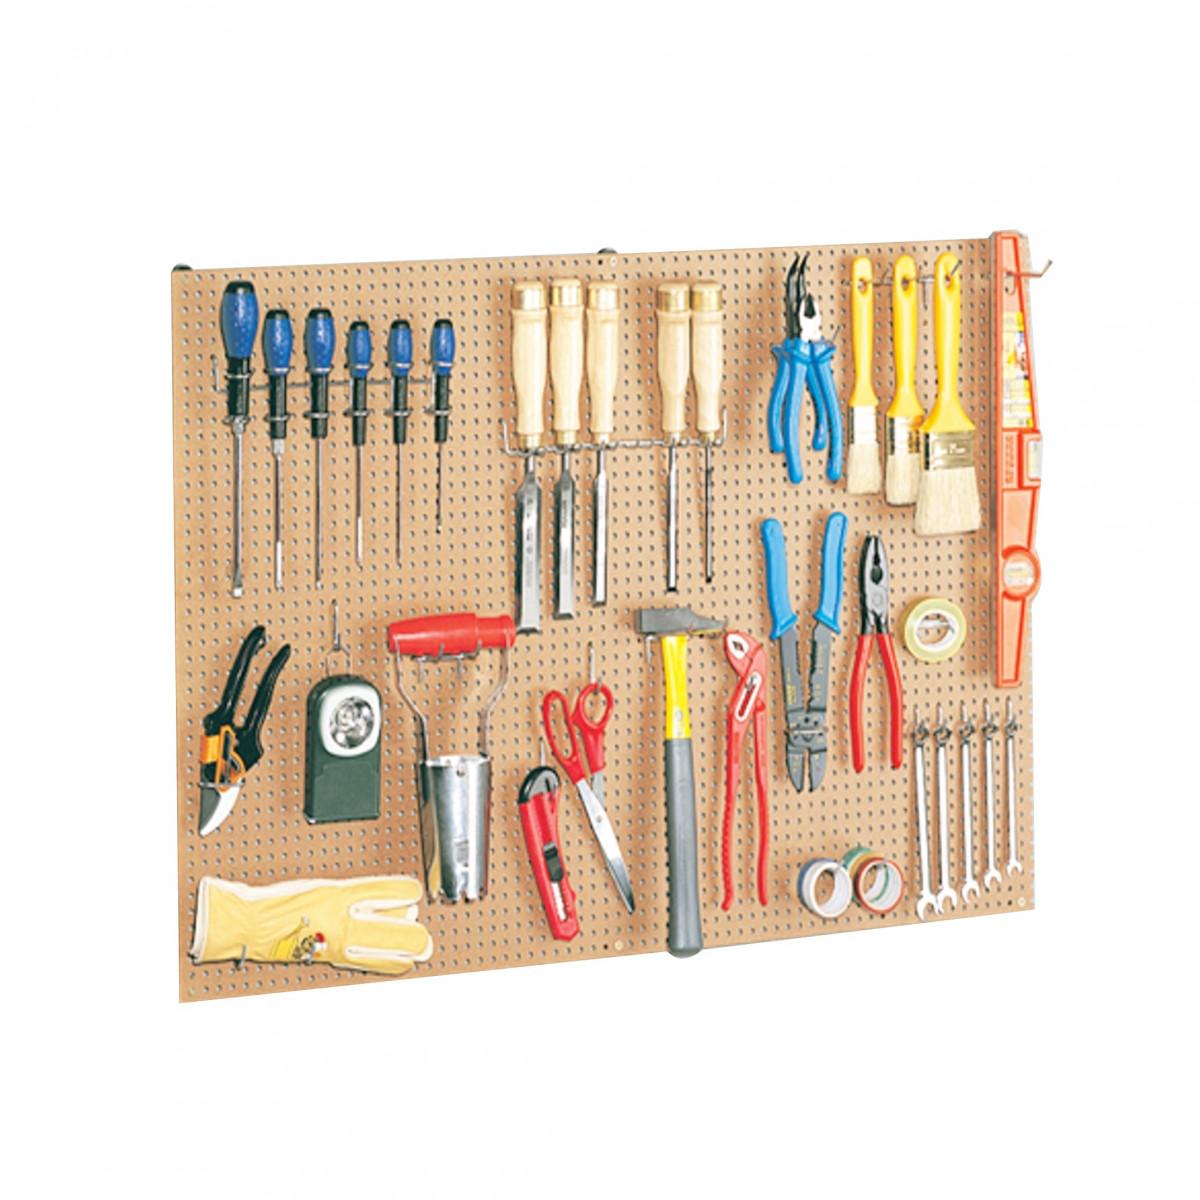 panneau perfor bois crochets rangement outils. Black Bedroom Furniture Sets. Home Design Ideas